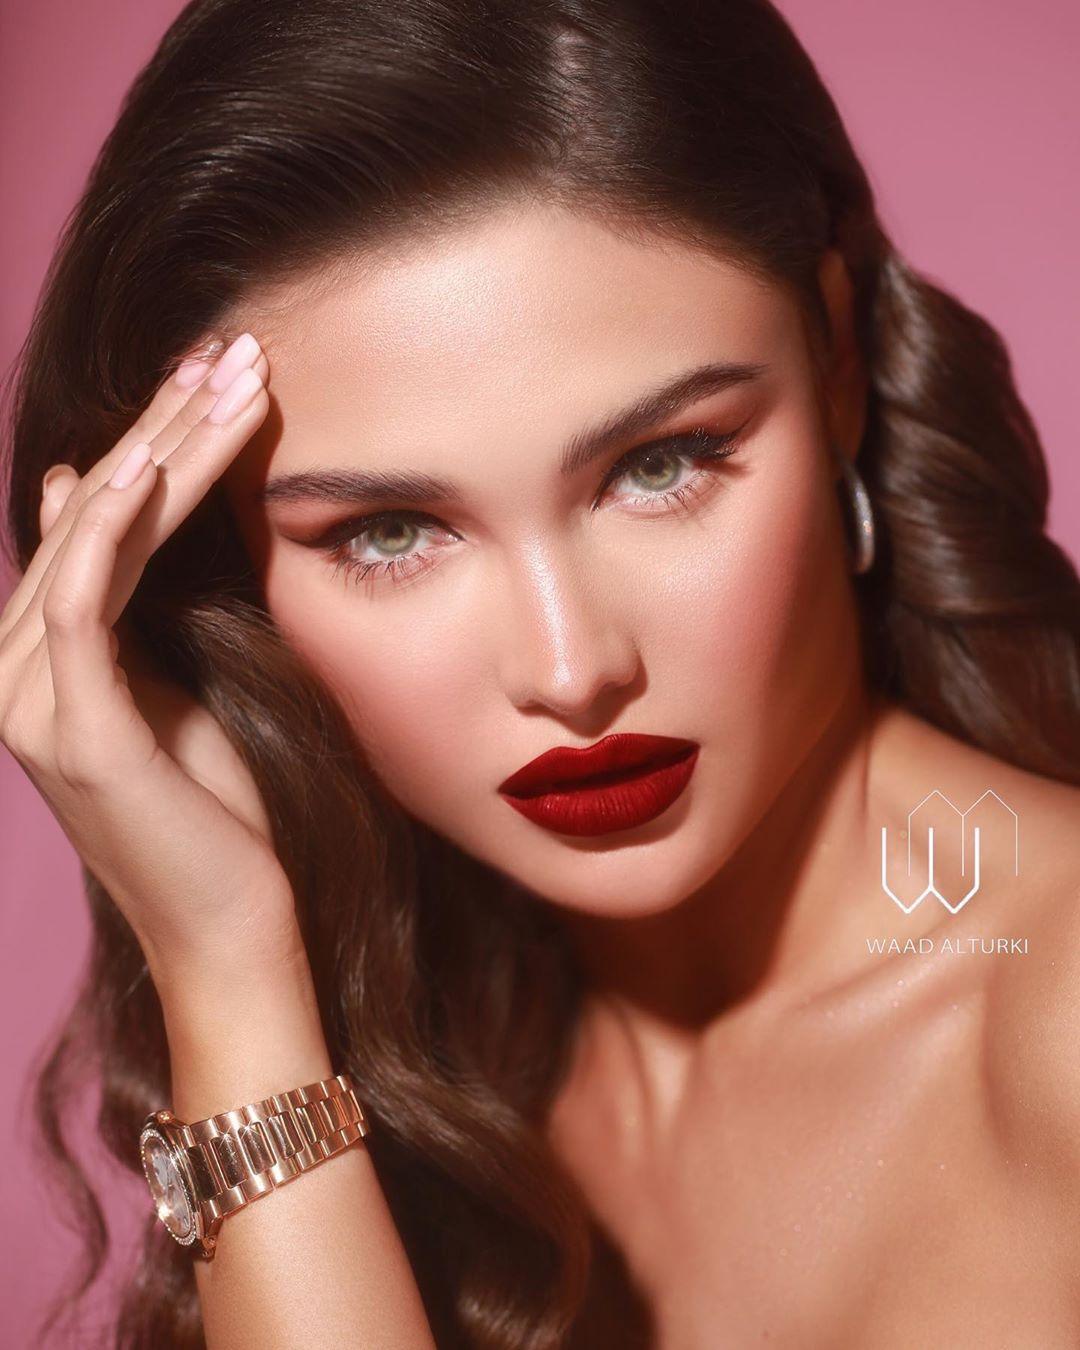 Waad Altarki وعد التركي On Instagram تتوريال جديد جاهزين و جاهزين للقصه القصيره لهذا اللوك لفو يمين و Classic Makeup Wedding Day Makeup Lip Color Makeup